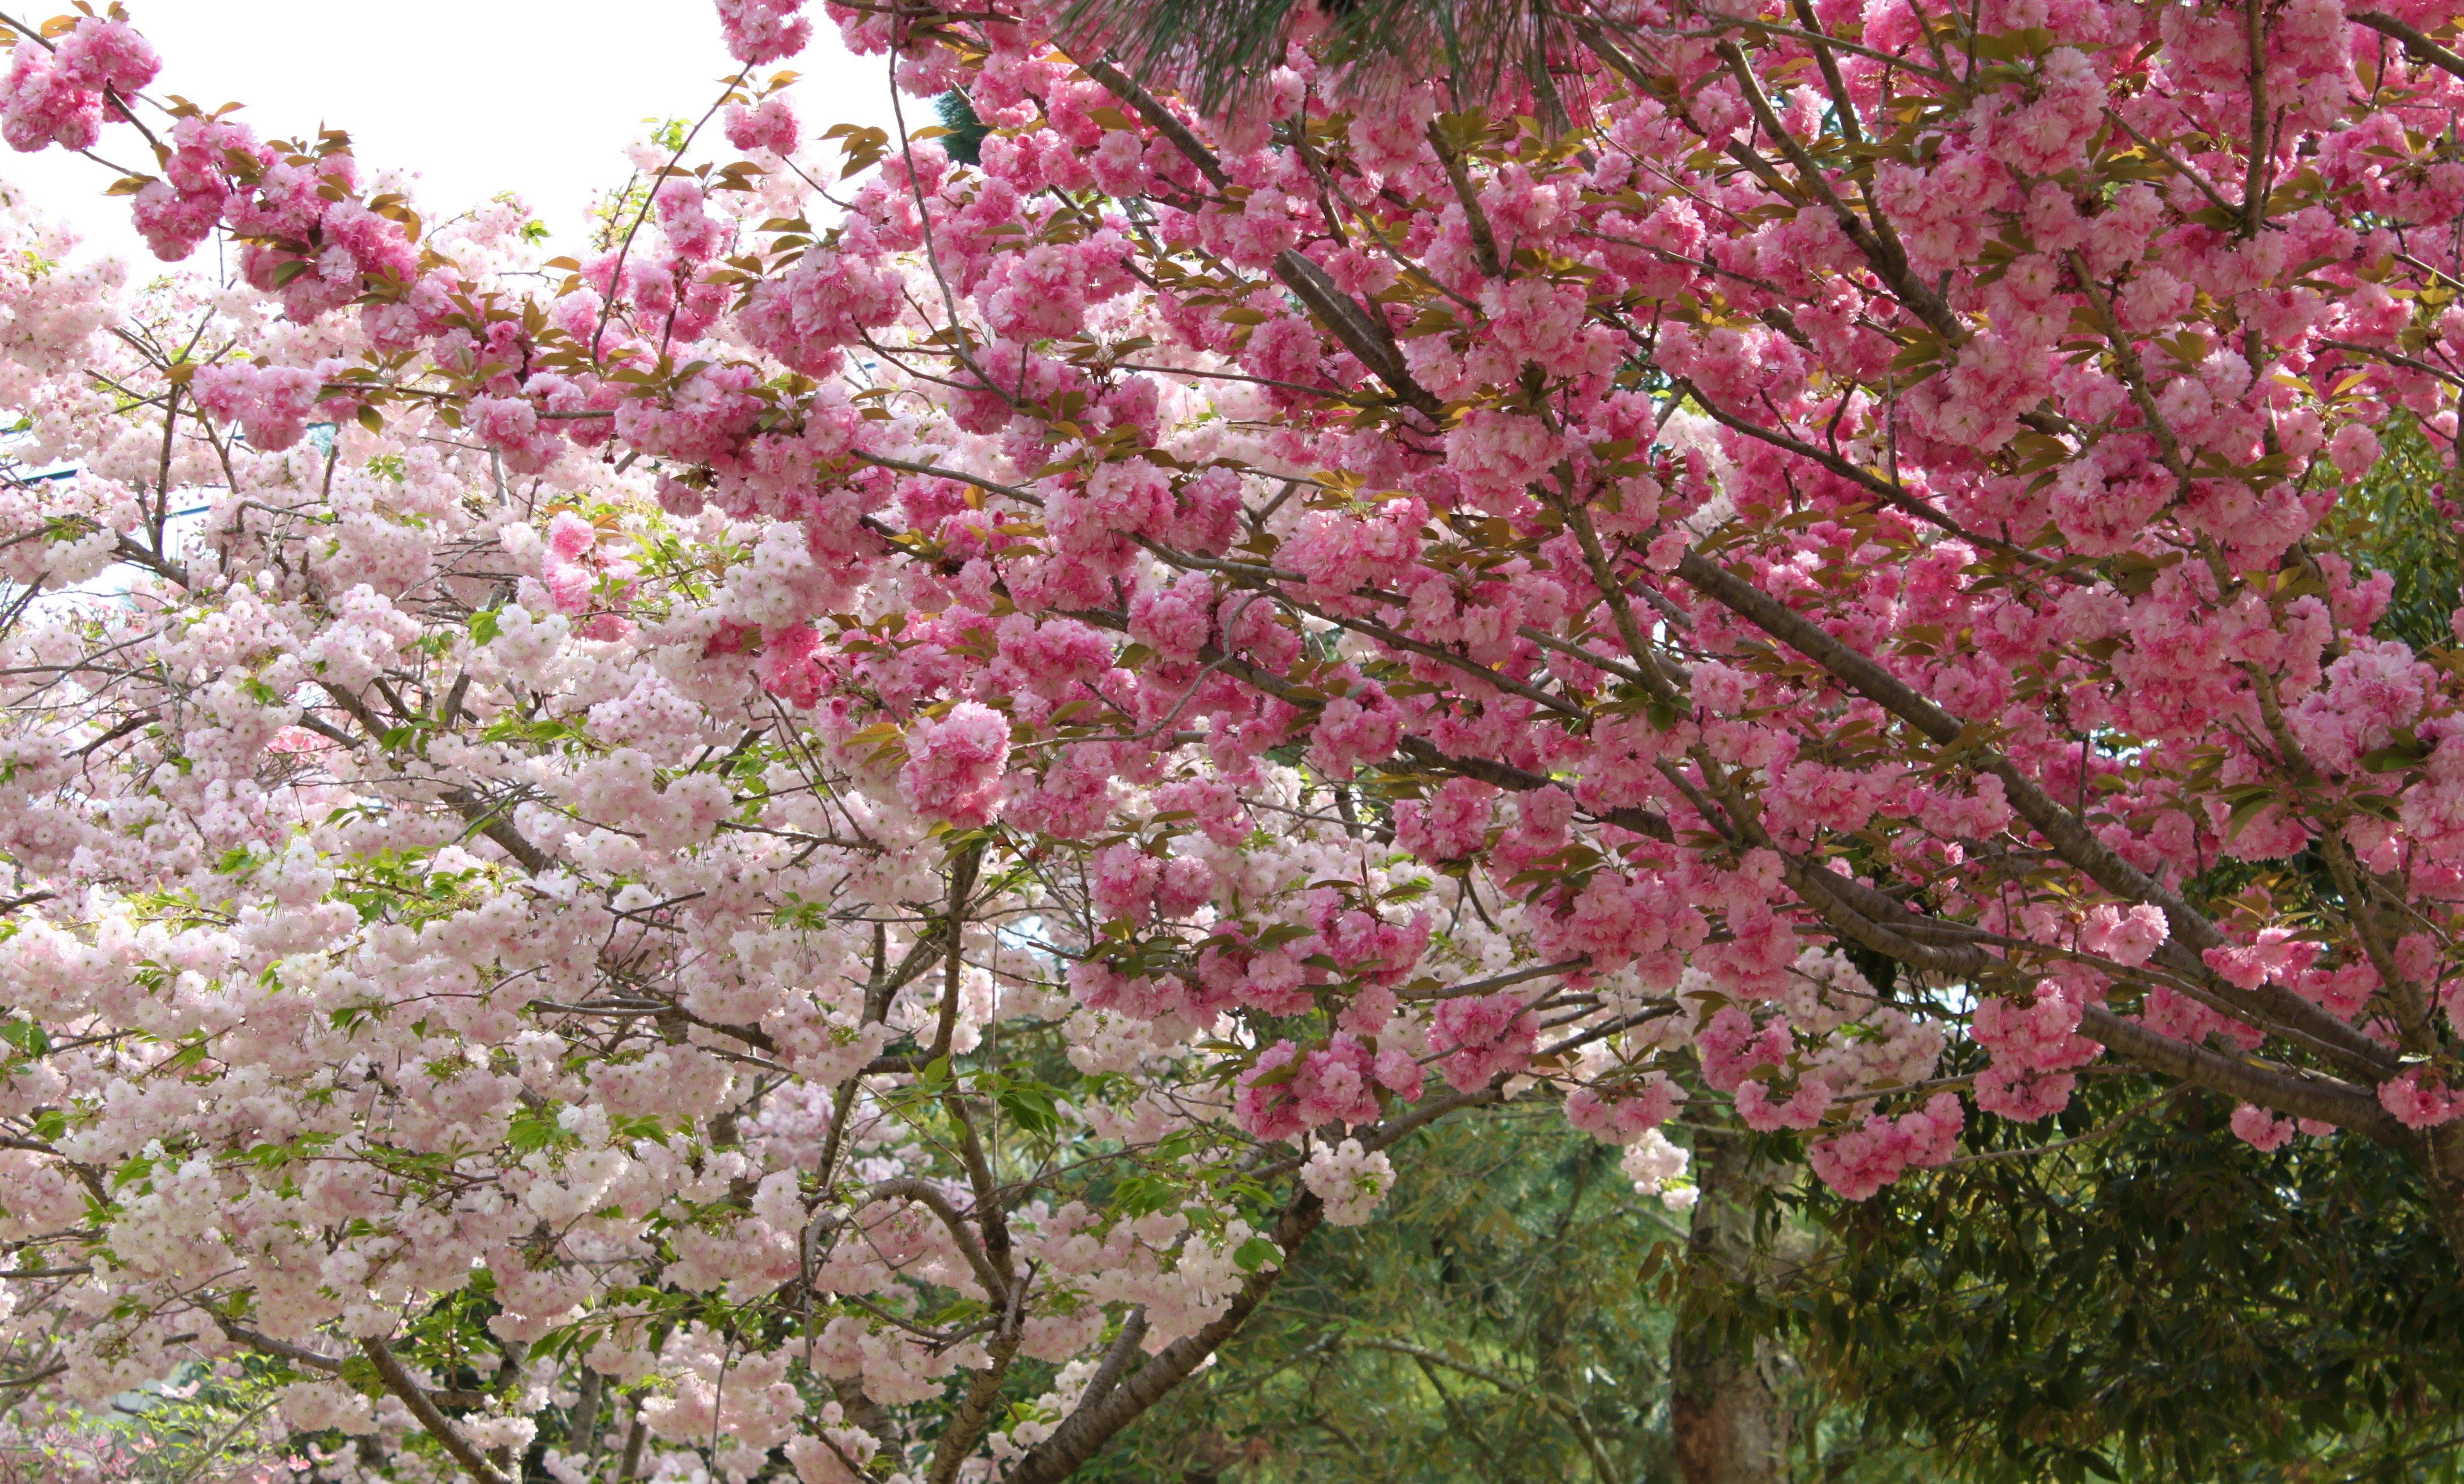 Japanese-Green-Tea-For-Cherry-Blossom-Season